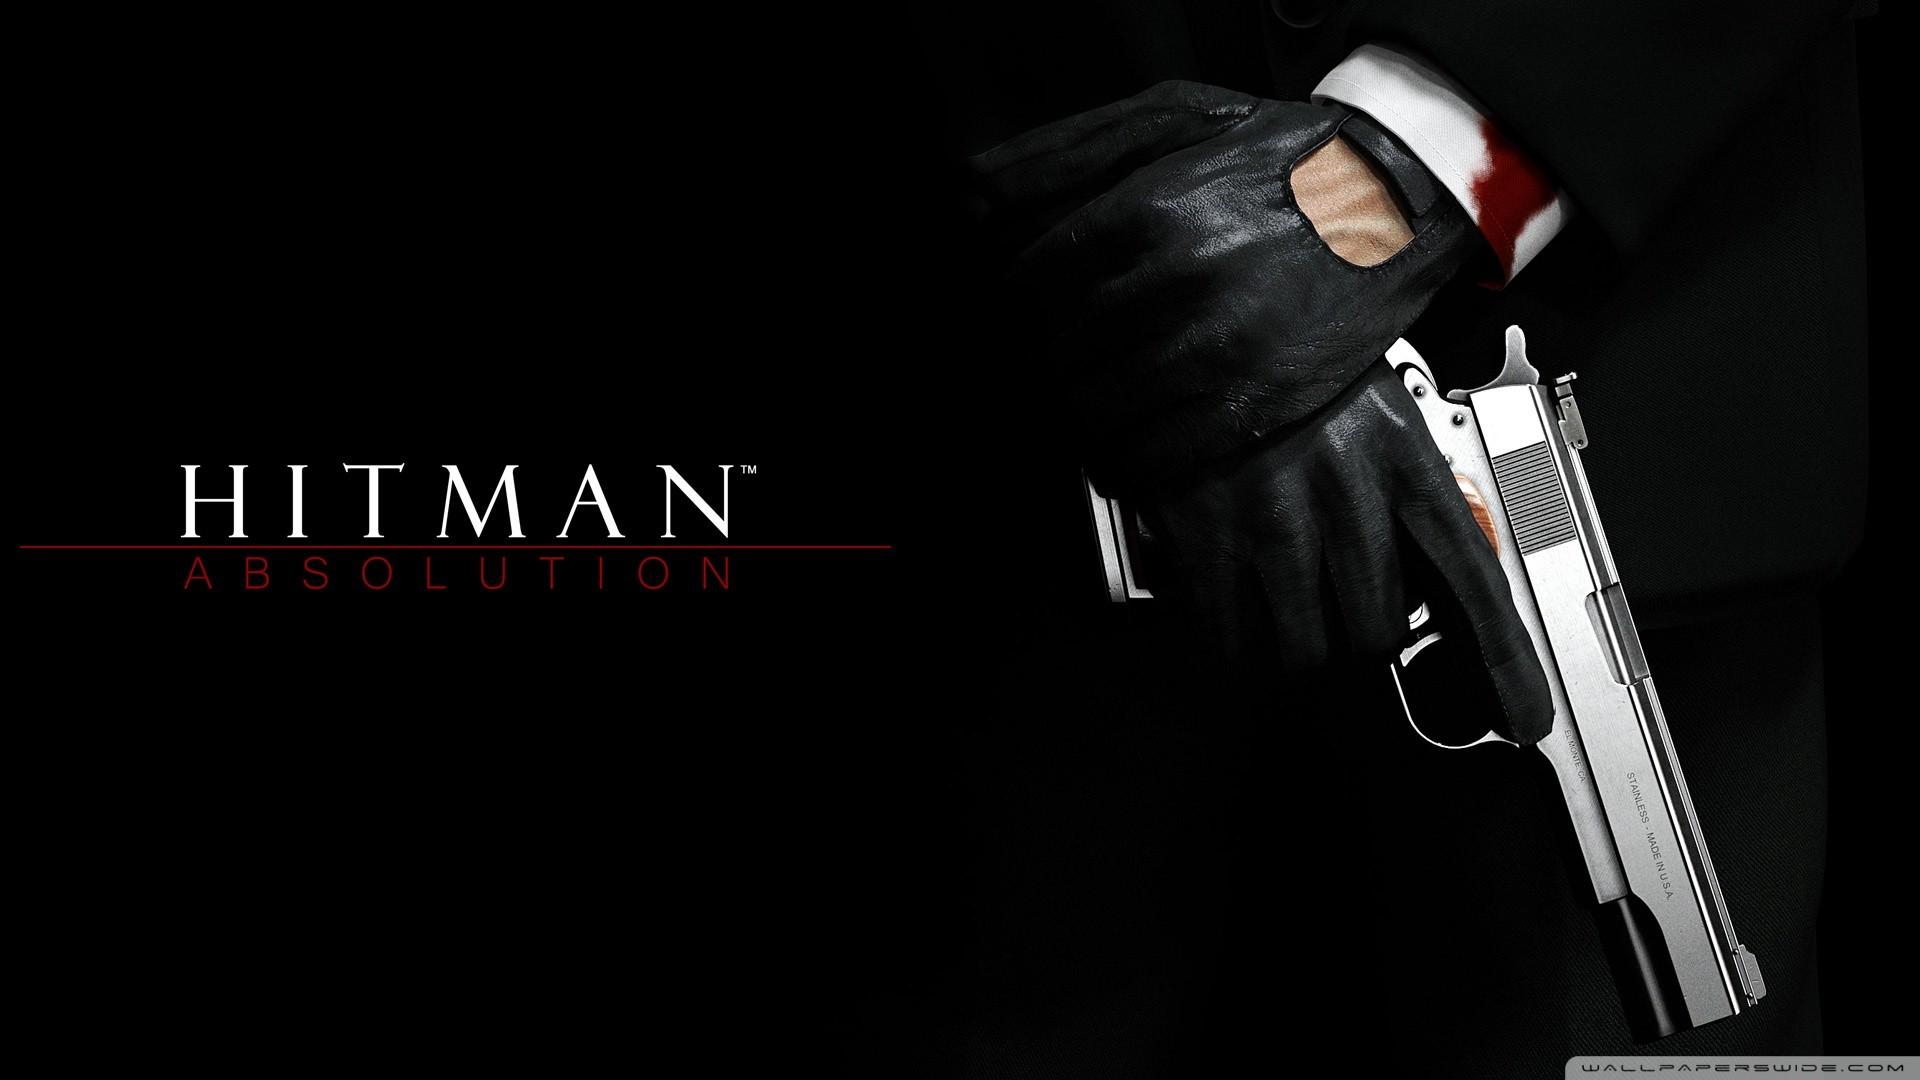 Hitman Agent 47 Barcode HD desktop wallpaper : High Definition | Epic Car  Wallpapers | Pinterest | Hd desktop and Wallpaper